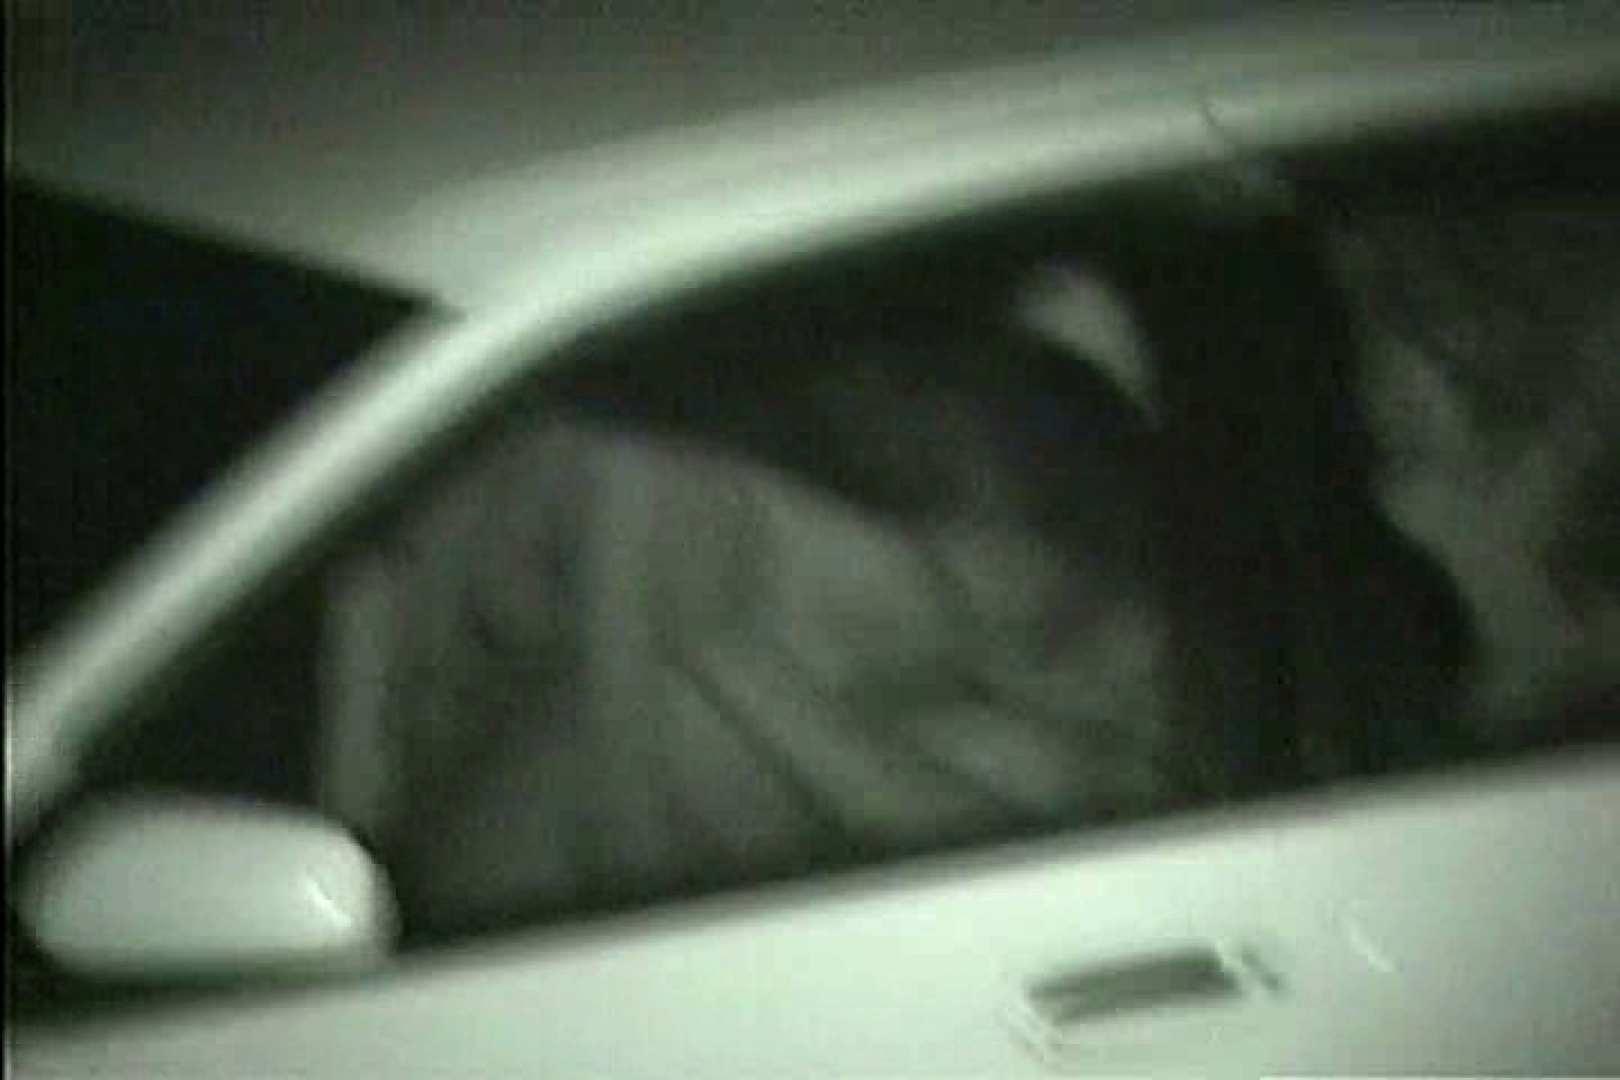 車の中はラブホテル 無修正版  Vol.10 接写 盗撮エロ画像 33pic 11